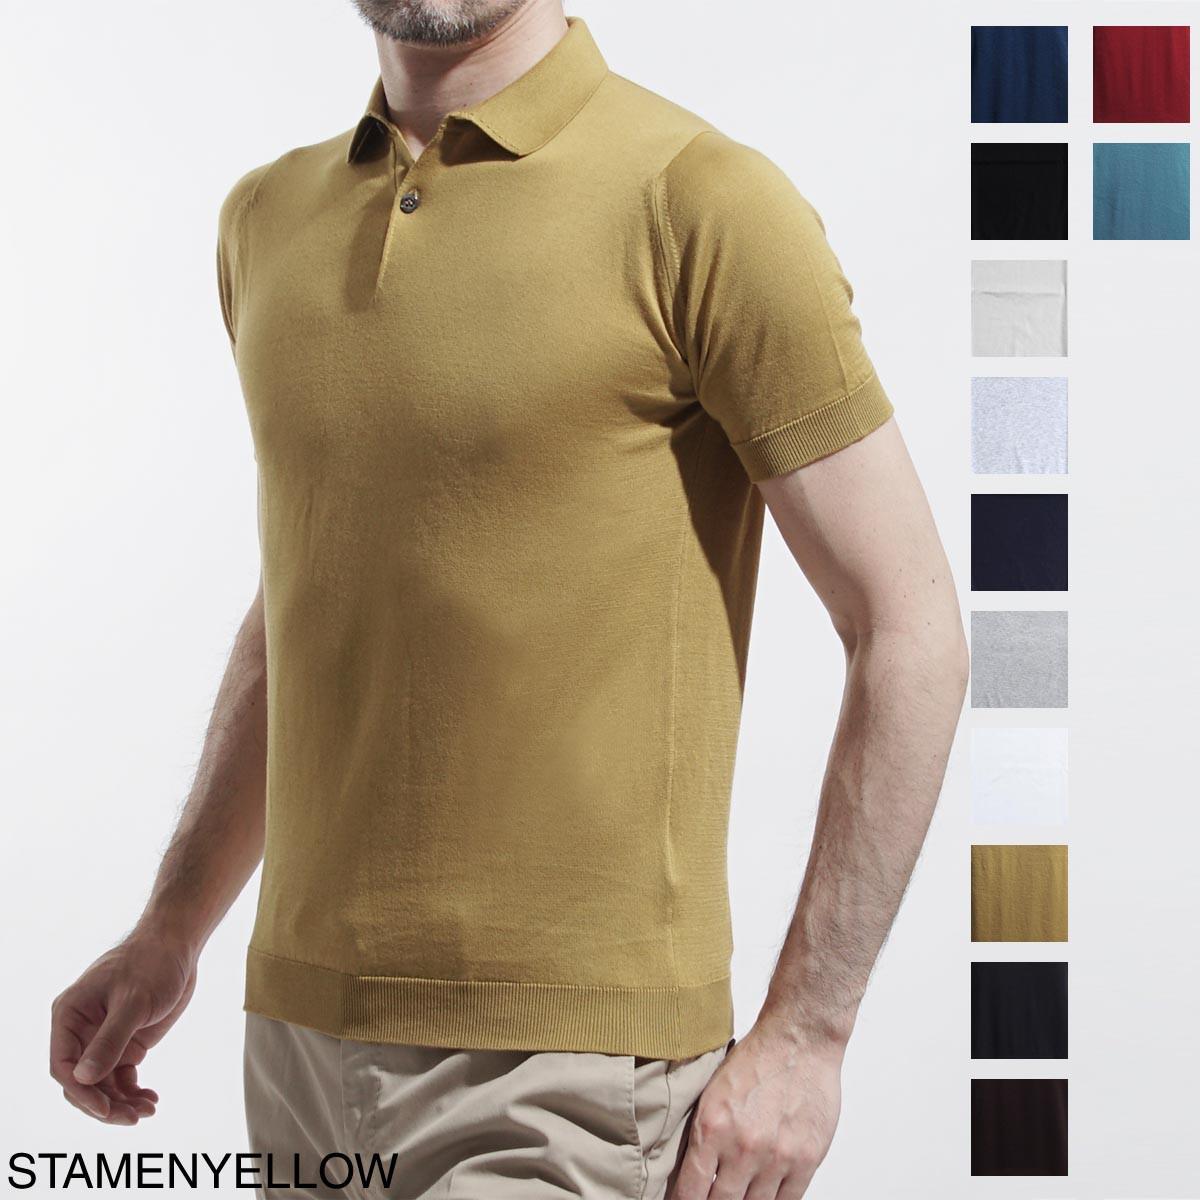 ジョンスメドレー,ポロシャツ